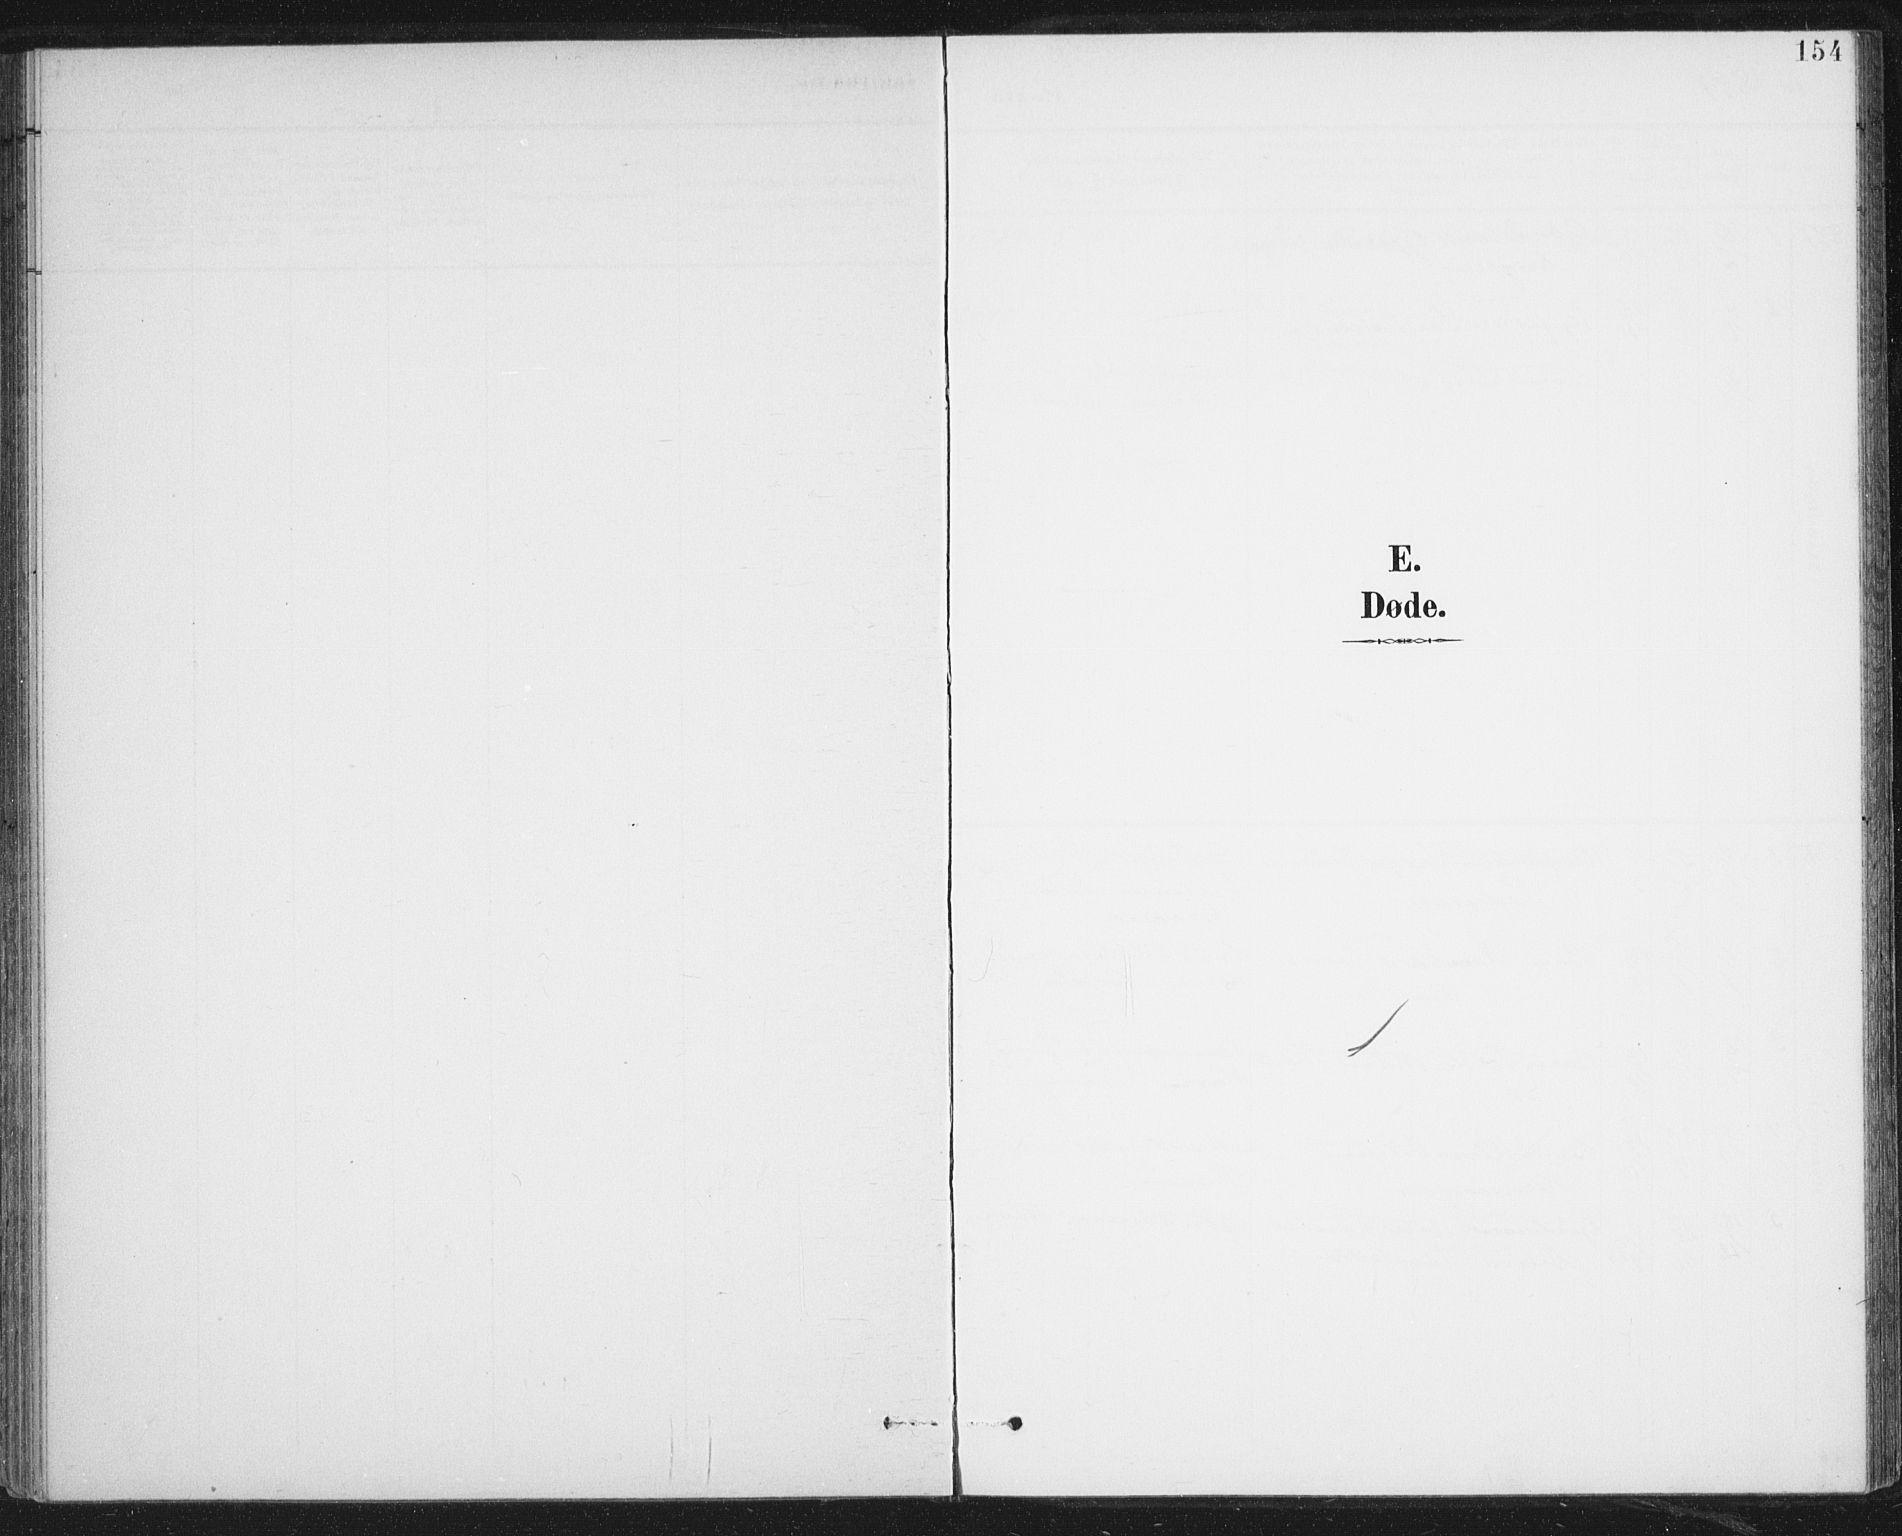 SAT, Ministerialprotokoller, klokkerbøker og fødselsregistre - Nordland, 899/L1437: Parish register (official) no. 899A05, 1897-1908, p. 154